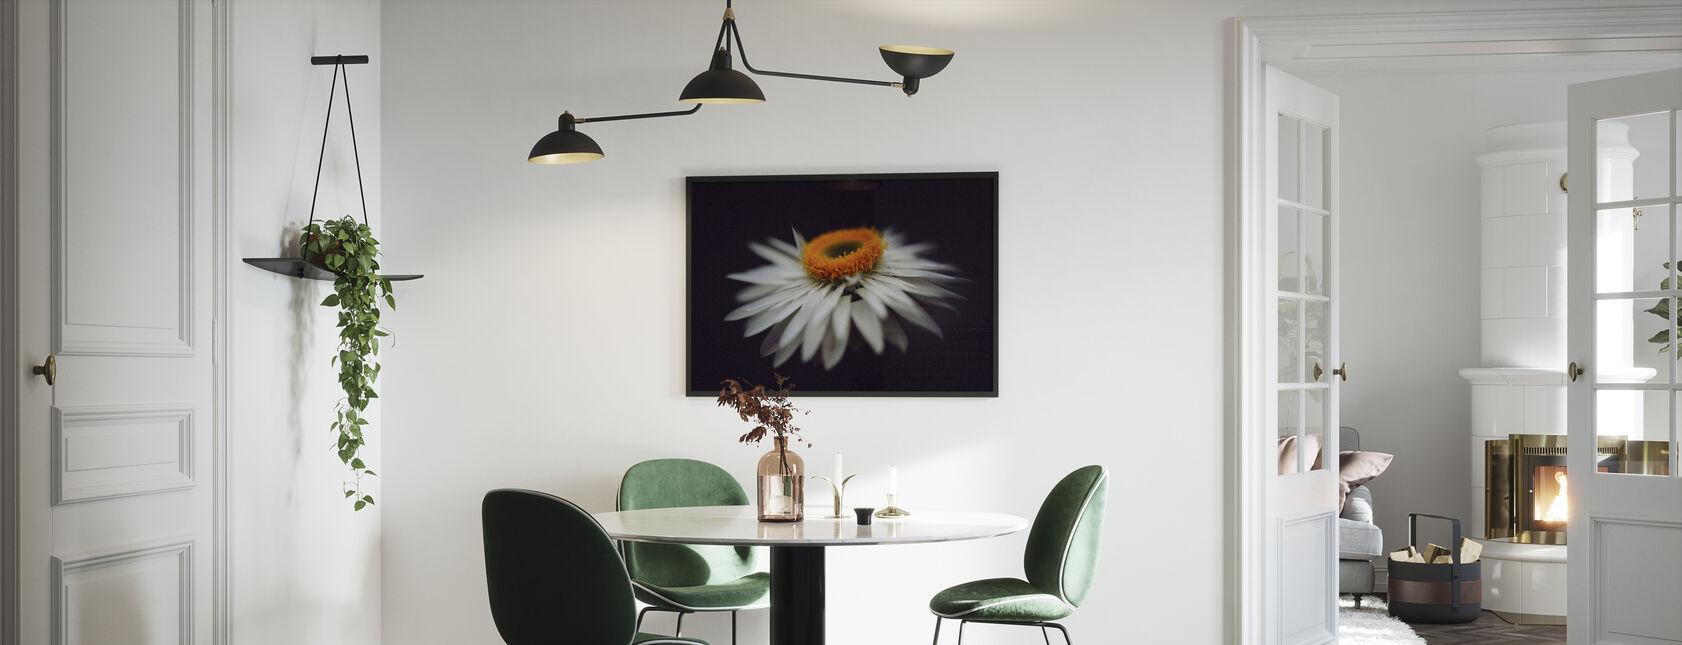 Vergrootglas Bloem - Ingelijste print - Keuken